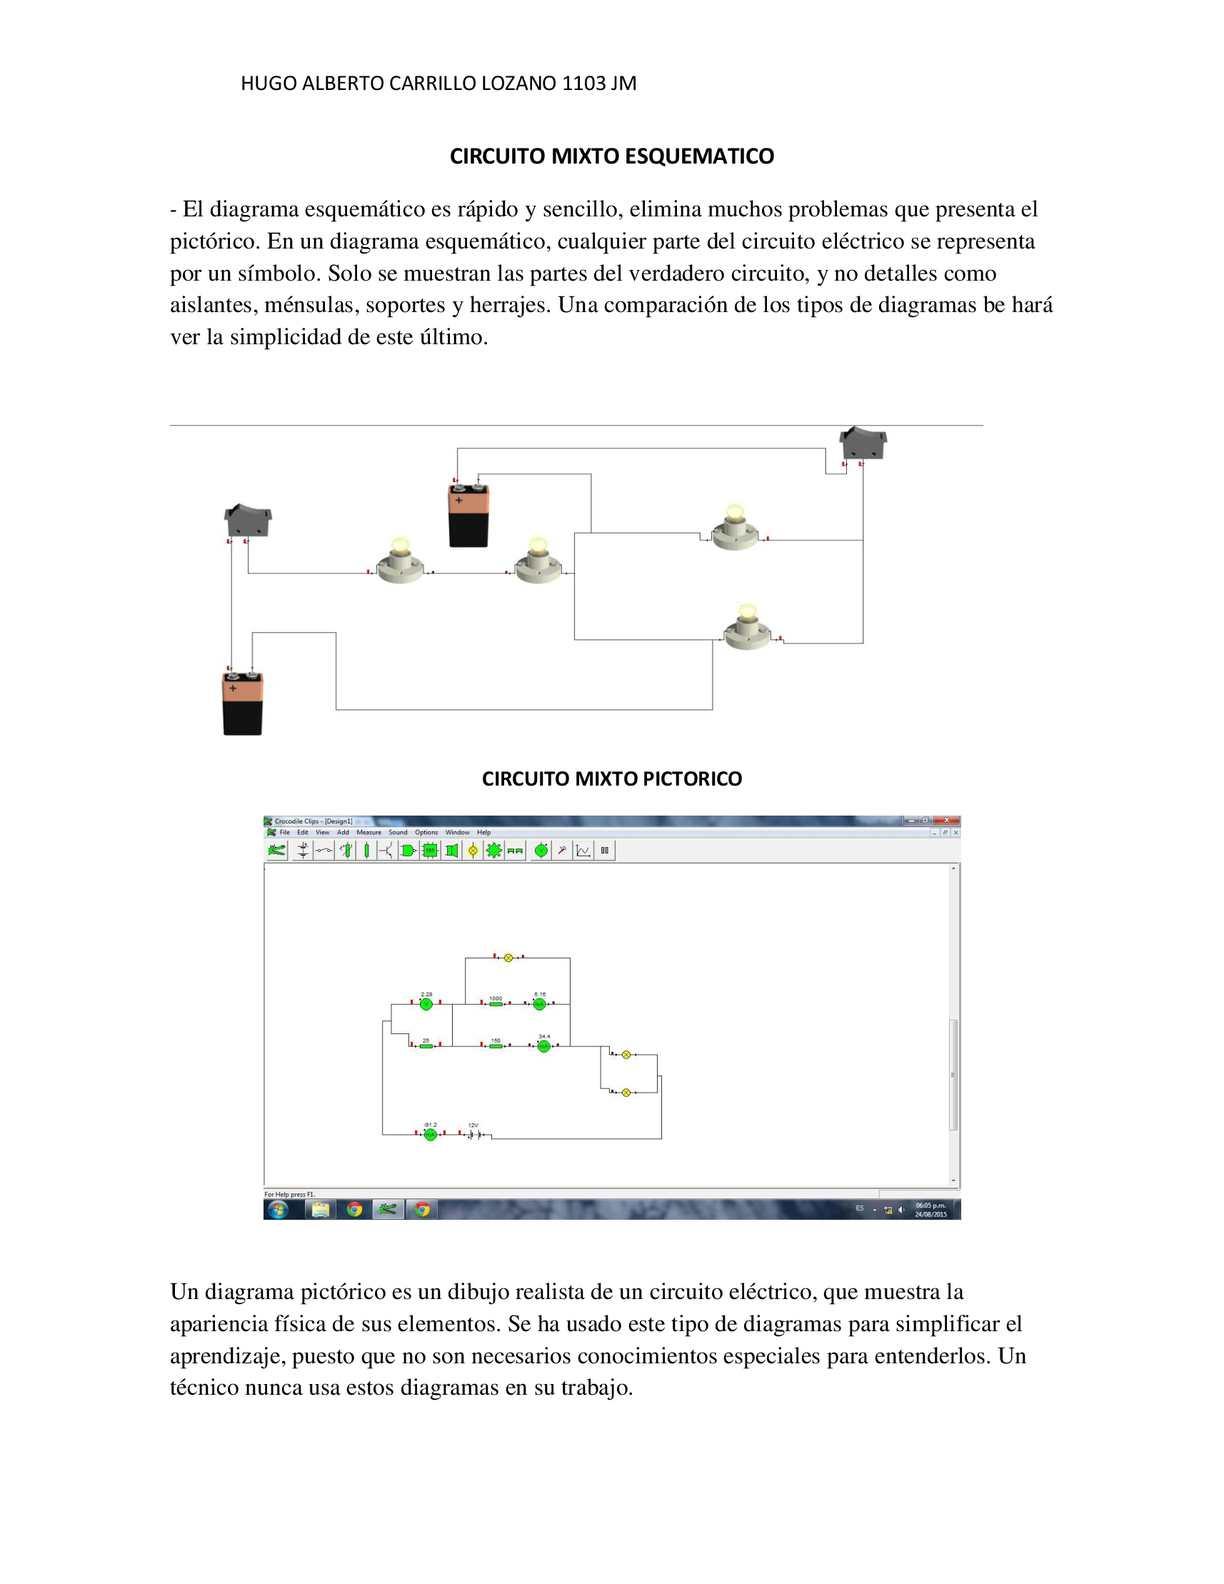 Circuito Y Sus Partes : Calaméo circuitos mixto pdf docx